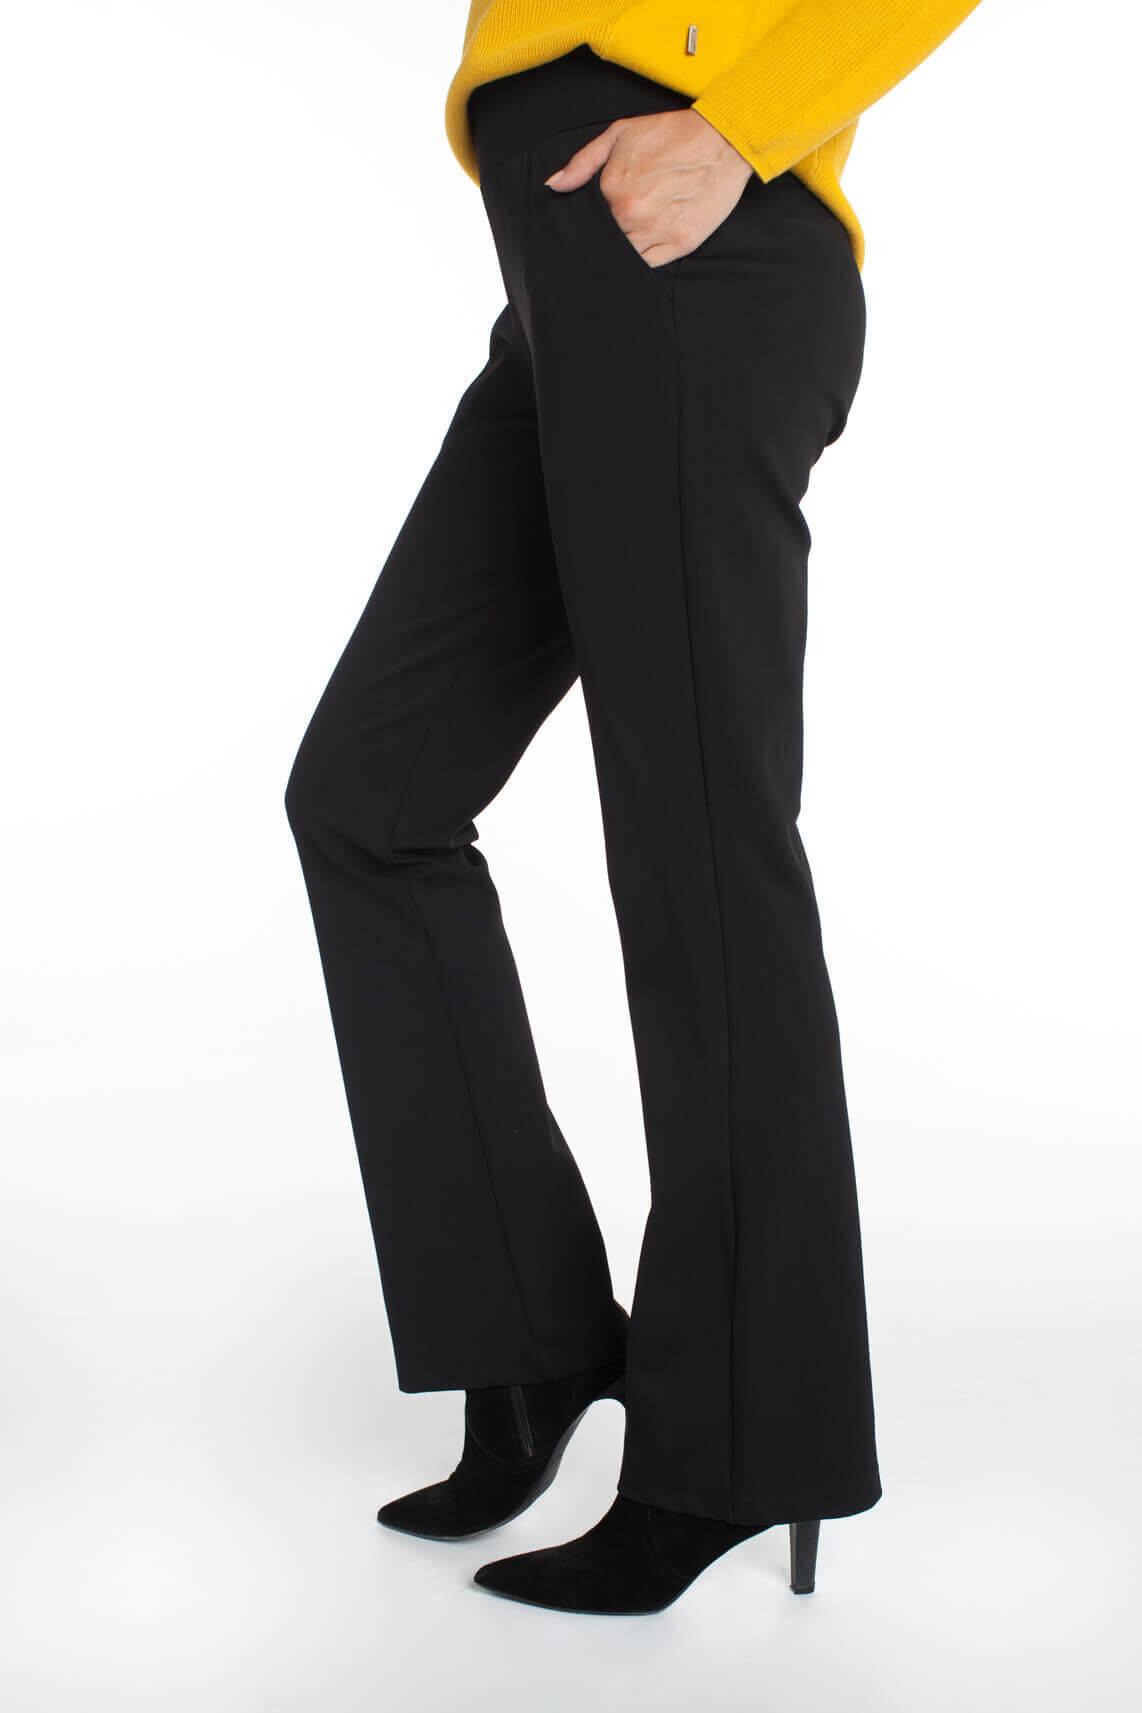 Anna Dames Flared broek zwart